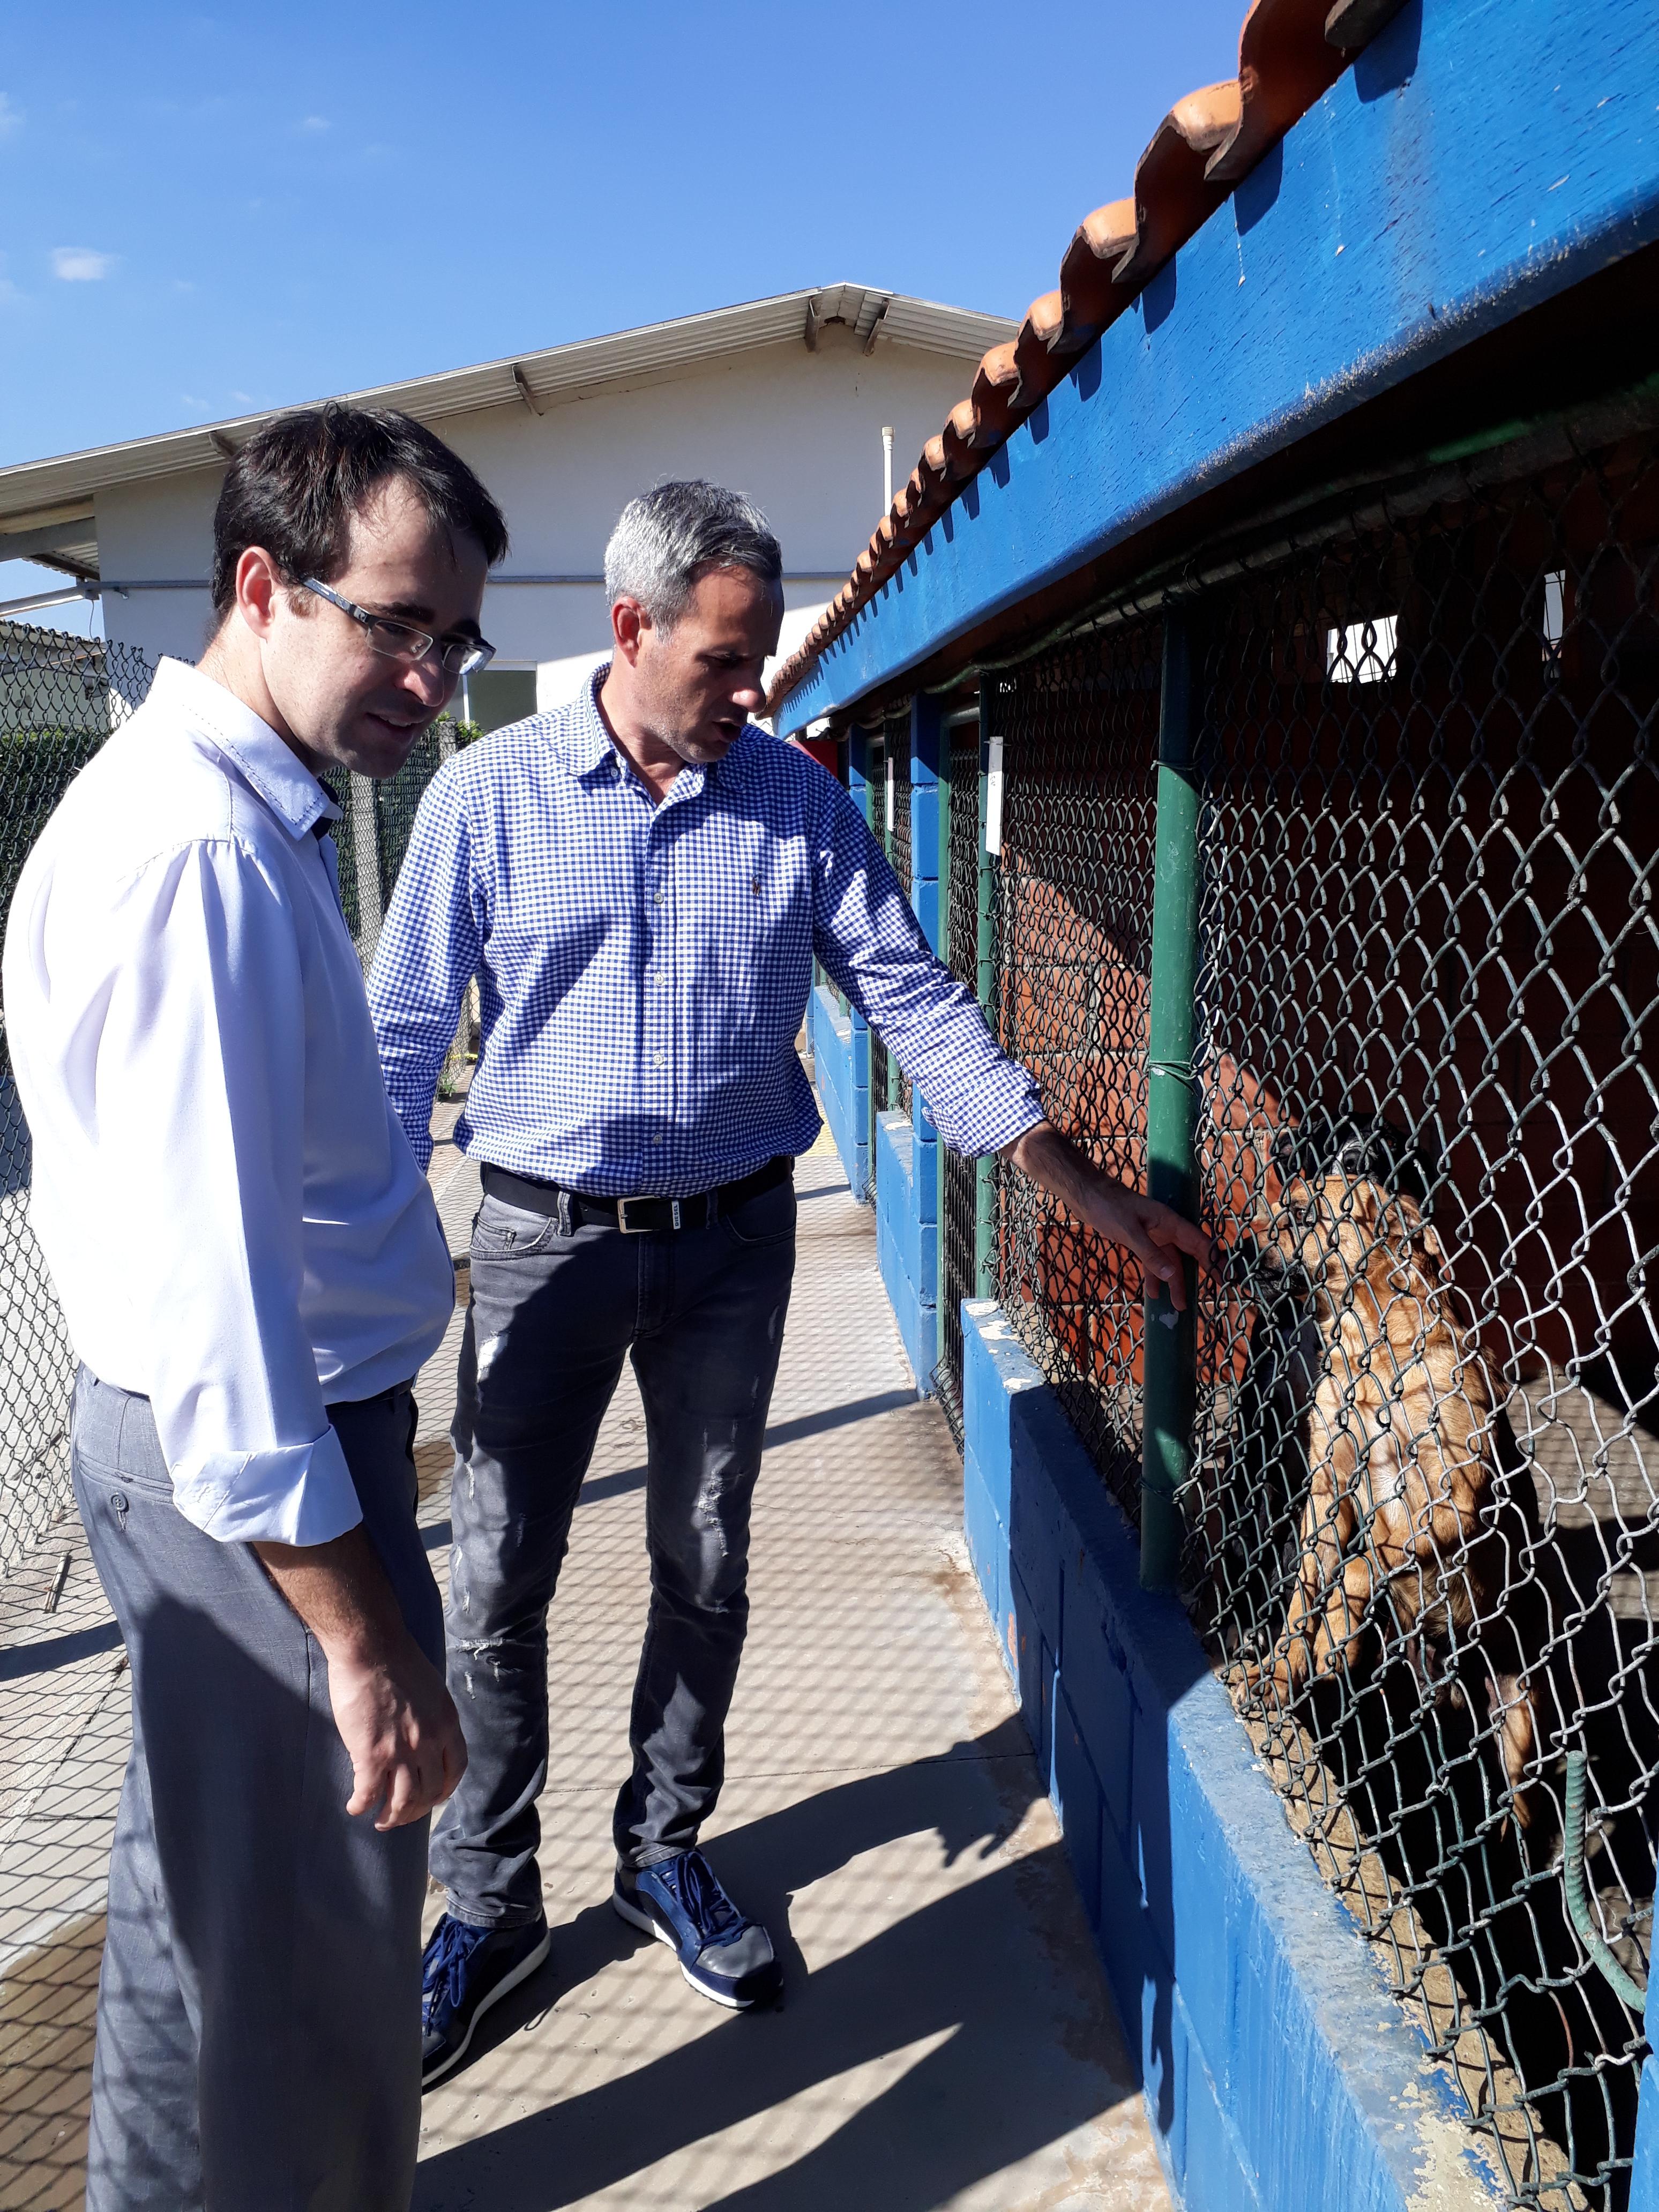 Ganem visita ONG Cães para Adoção e pede ajuda/ Foto: Equipe Bruno Ganem